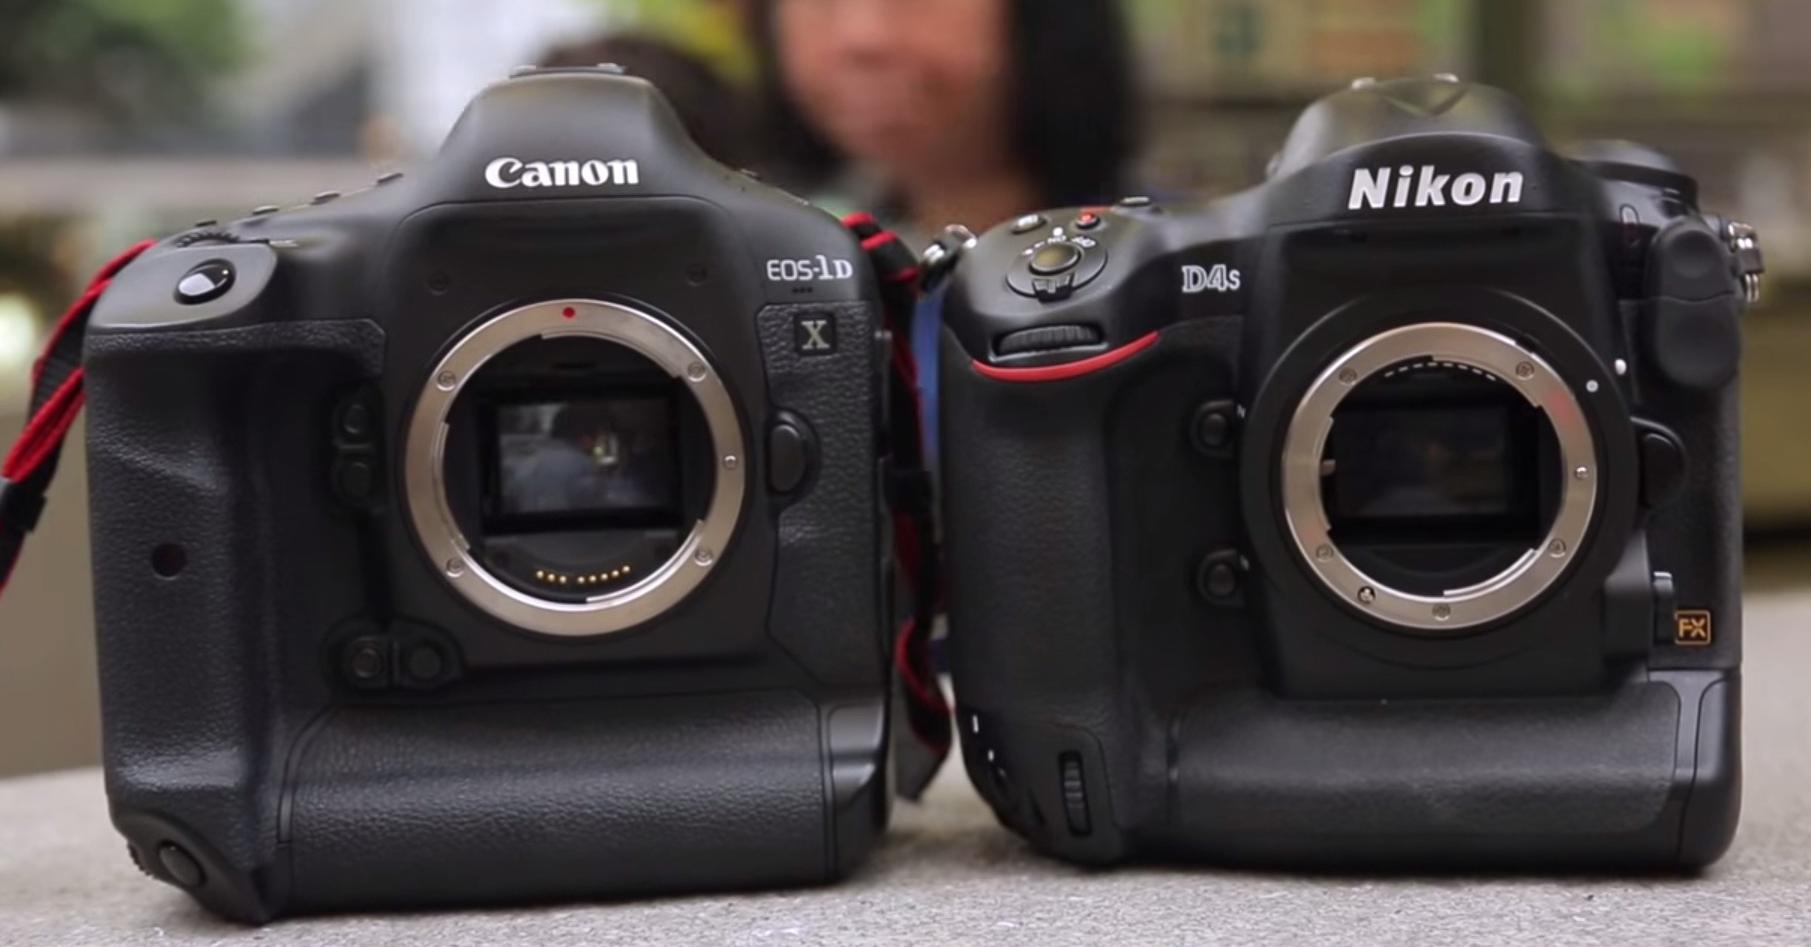 尼康d4s和佳能1dx_Video Review: Nikon D4S Vs. Canon EOS-1D X | Camera News at Cameraegg